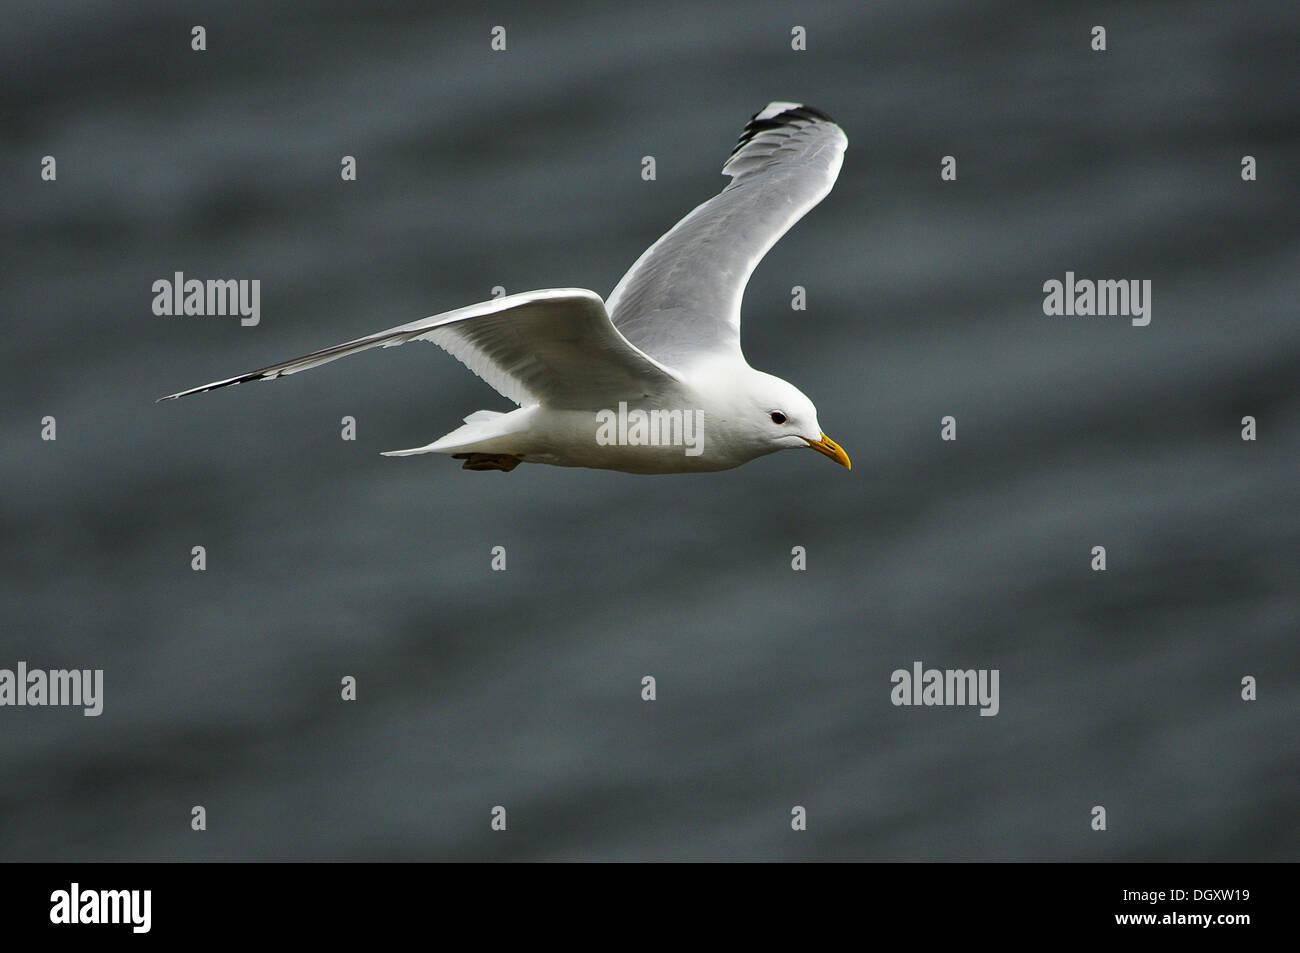 Gaviota sobrevolando los mares que rodean las penínsulas de Skye. - Stock Image